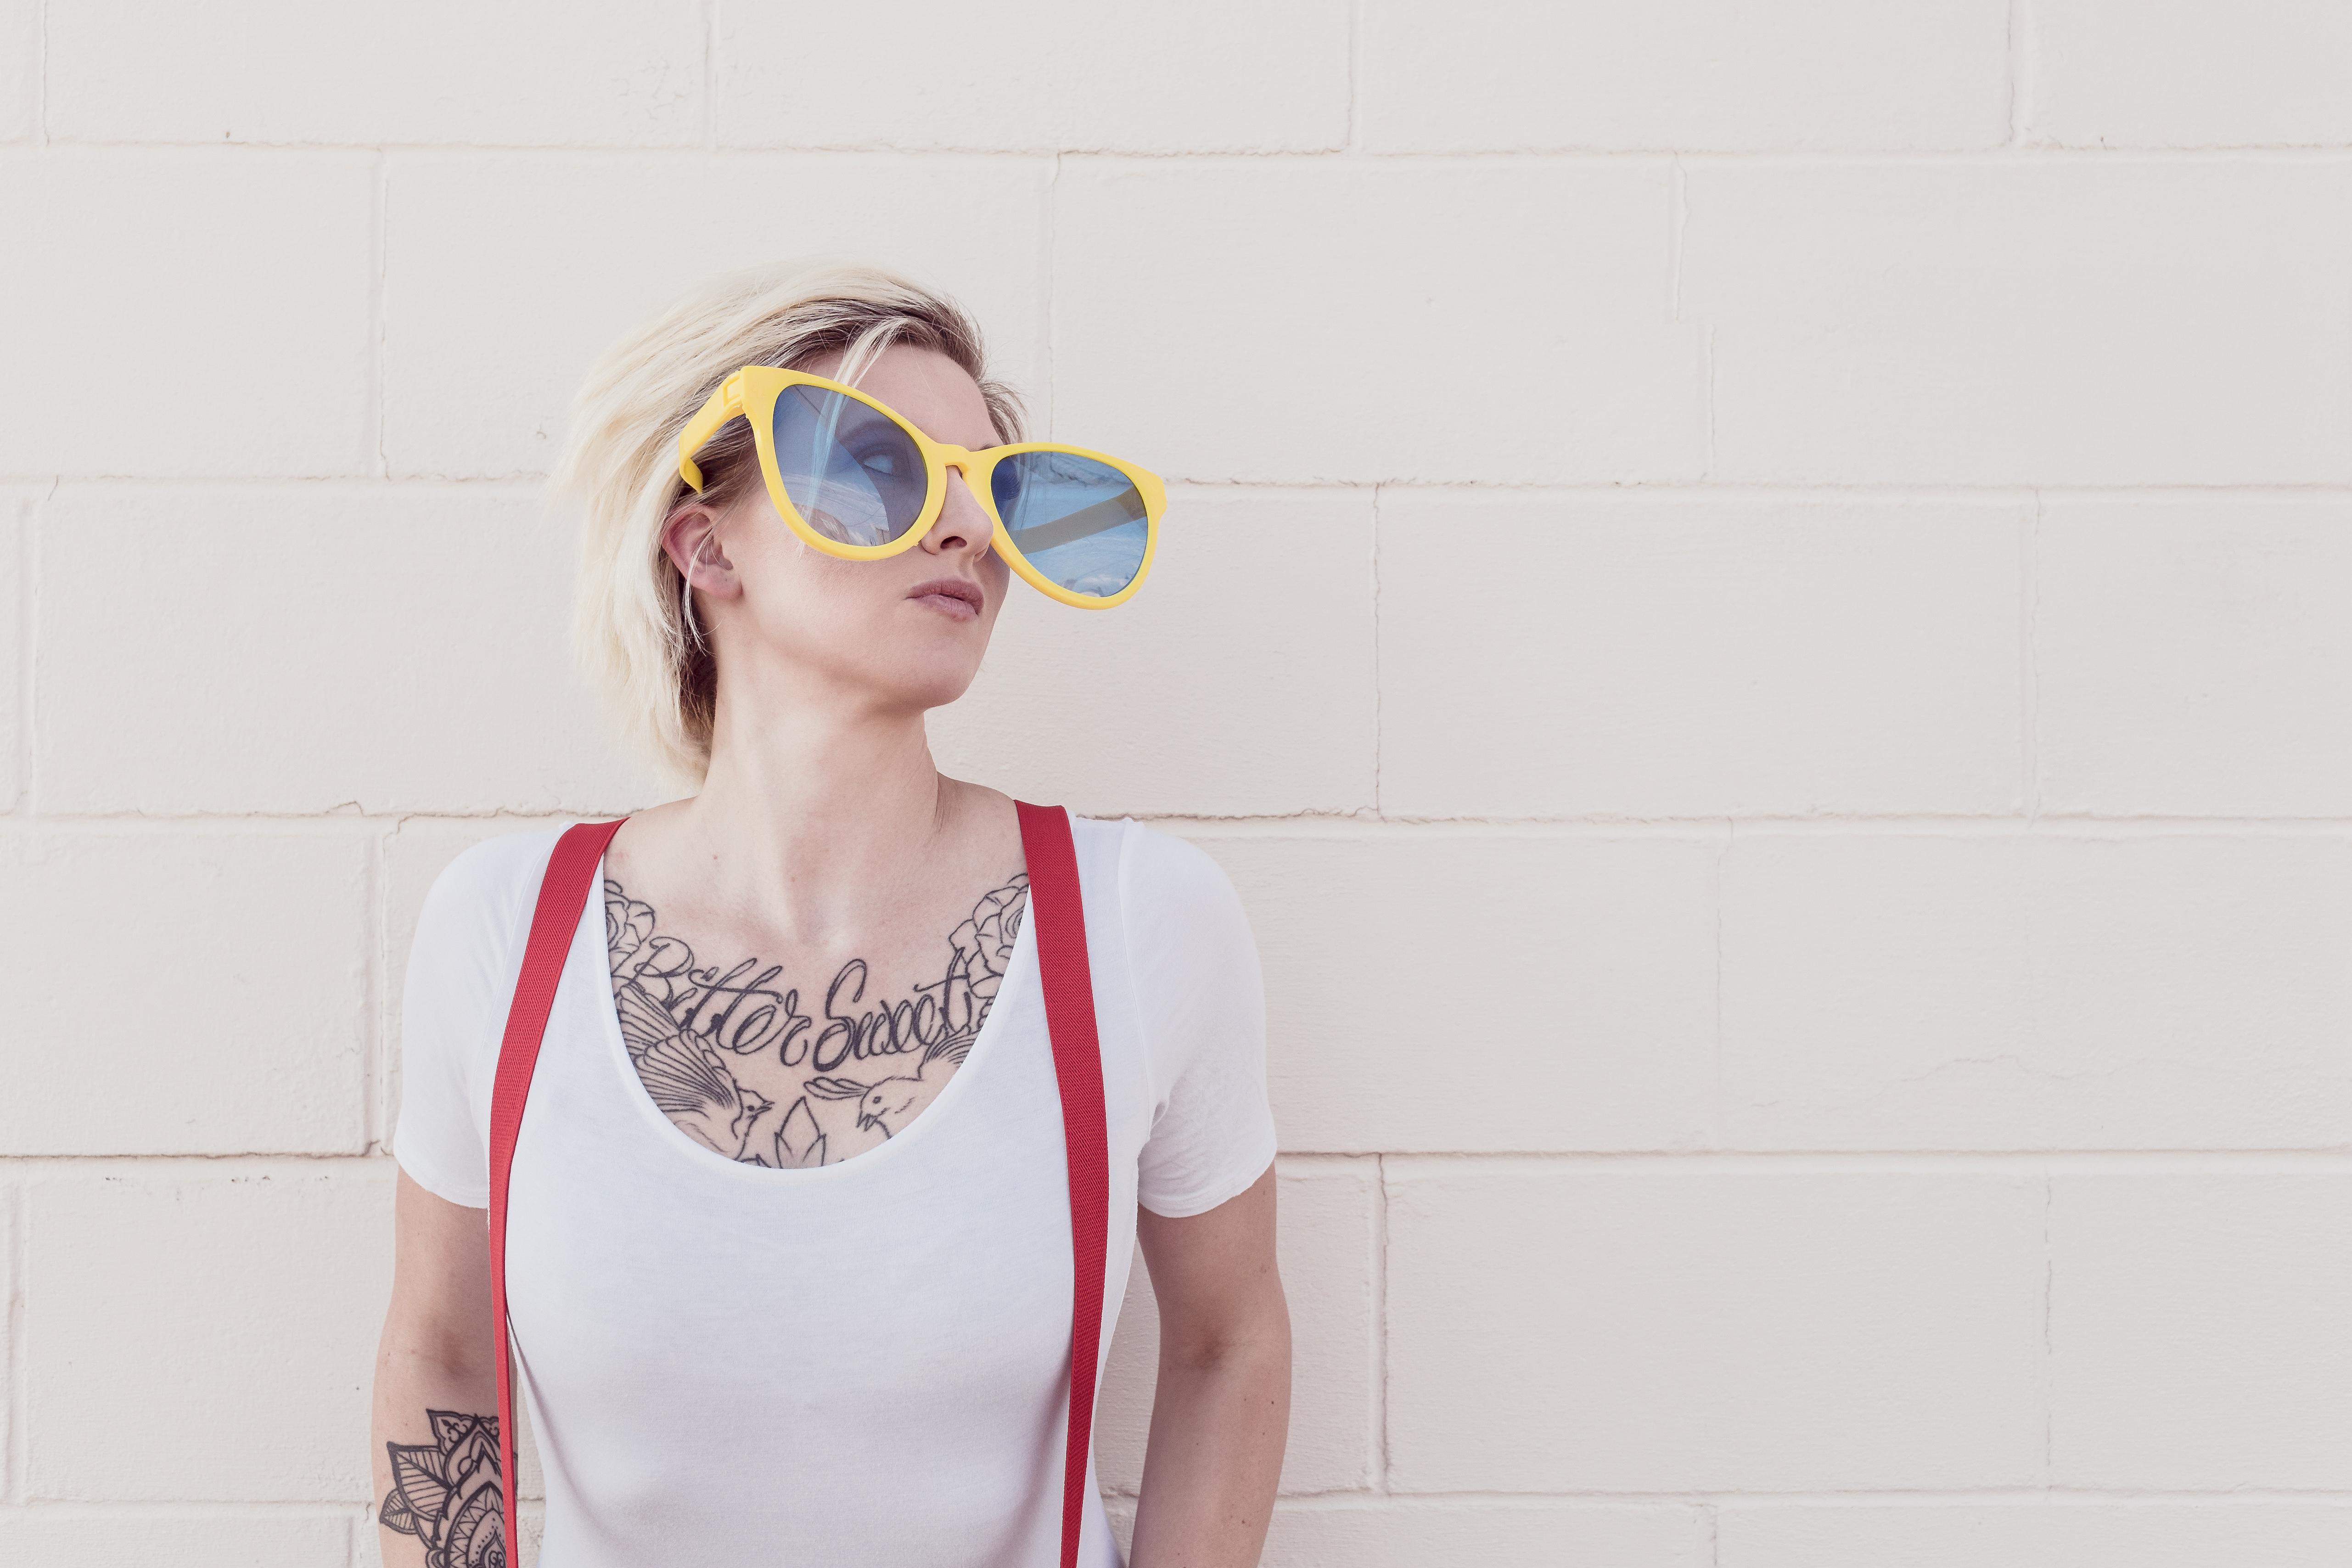 Kobieta z tatuażem i okularami przeciwsłonecznymi.